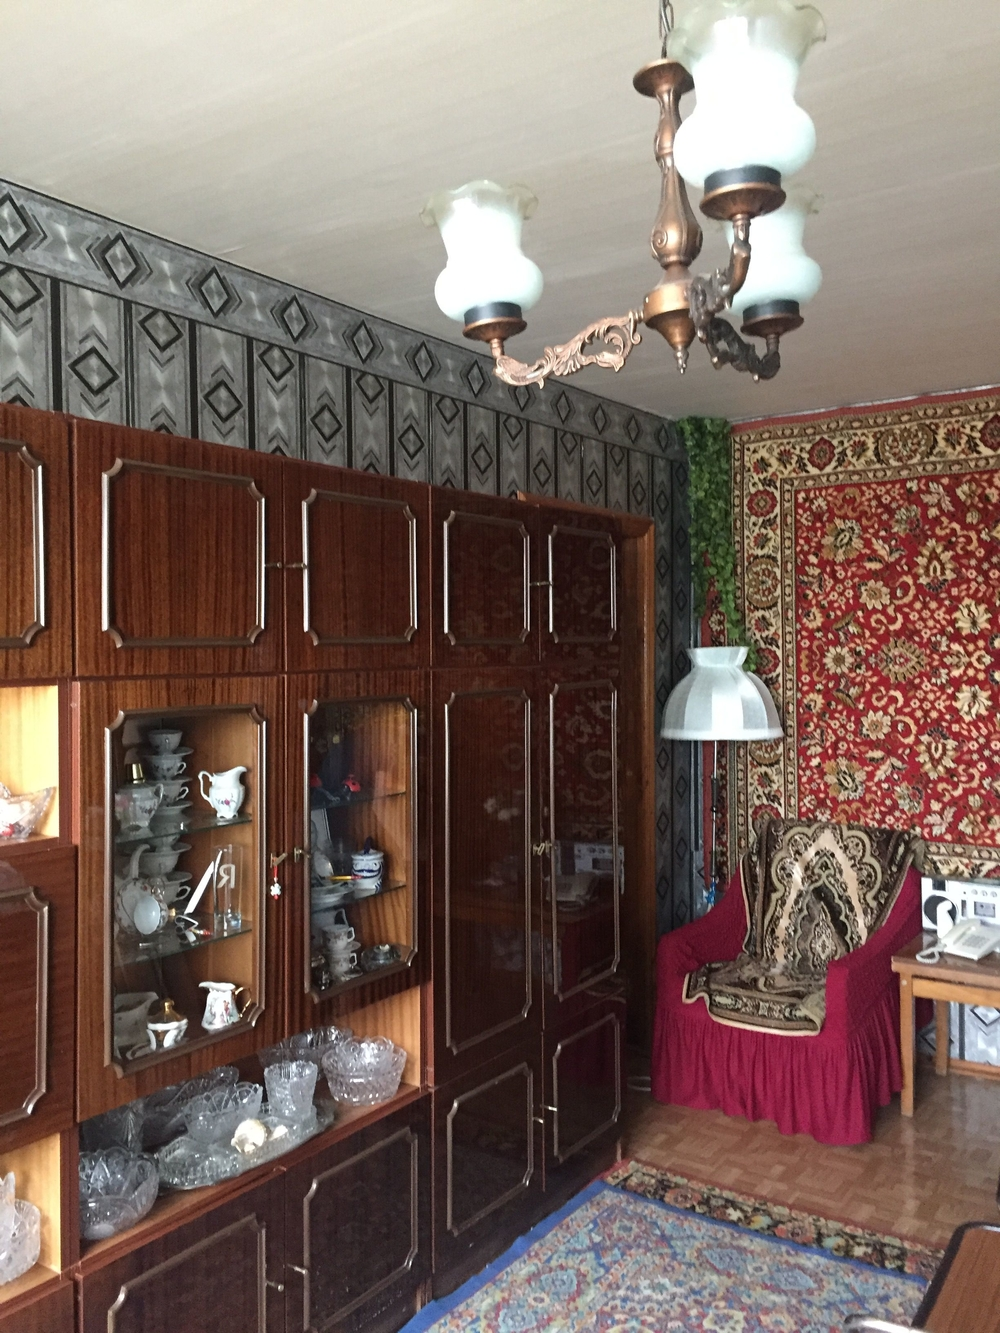 Продам 3-комнатную квартиру в городе Саратов, на улице Луговая, 114, 7-этаж 9-этажного Ж/Б Панели дома, площадь: 59/38/7 м2